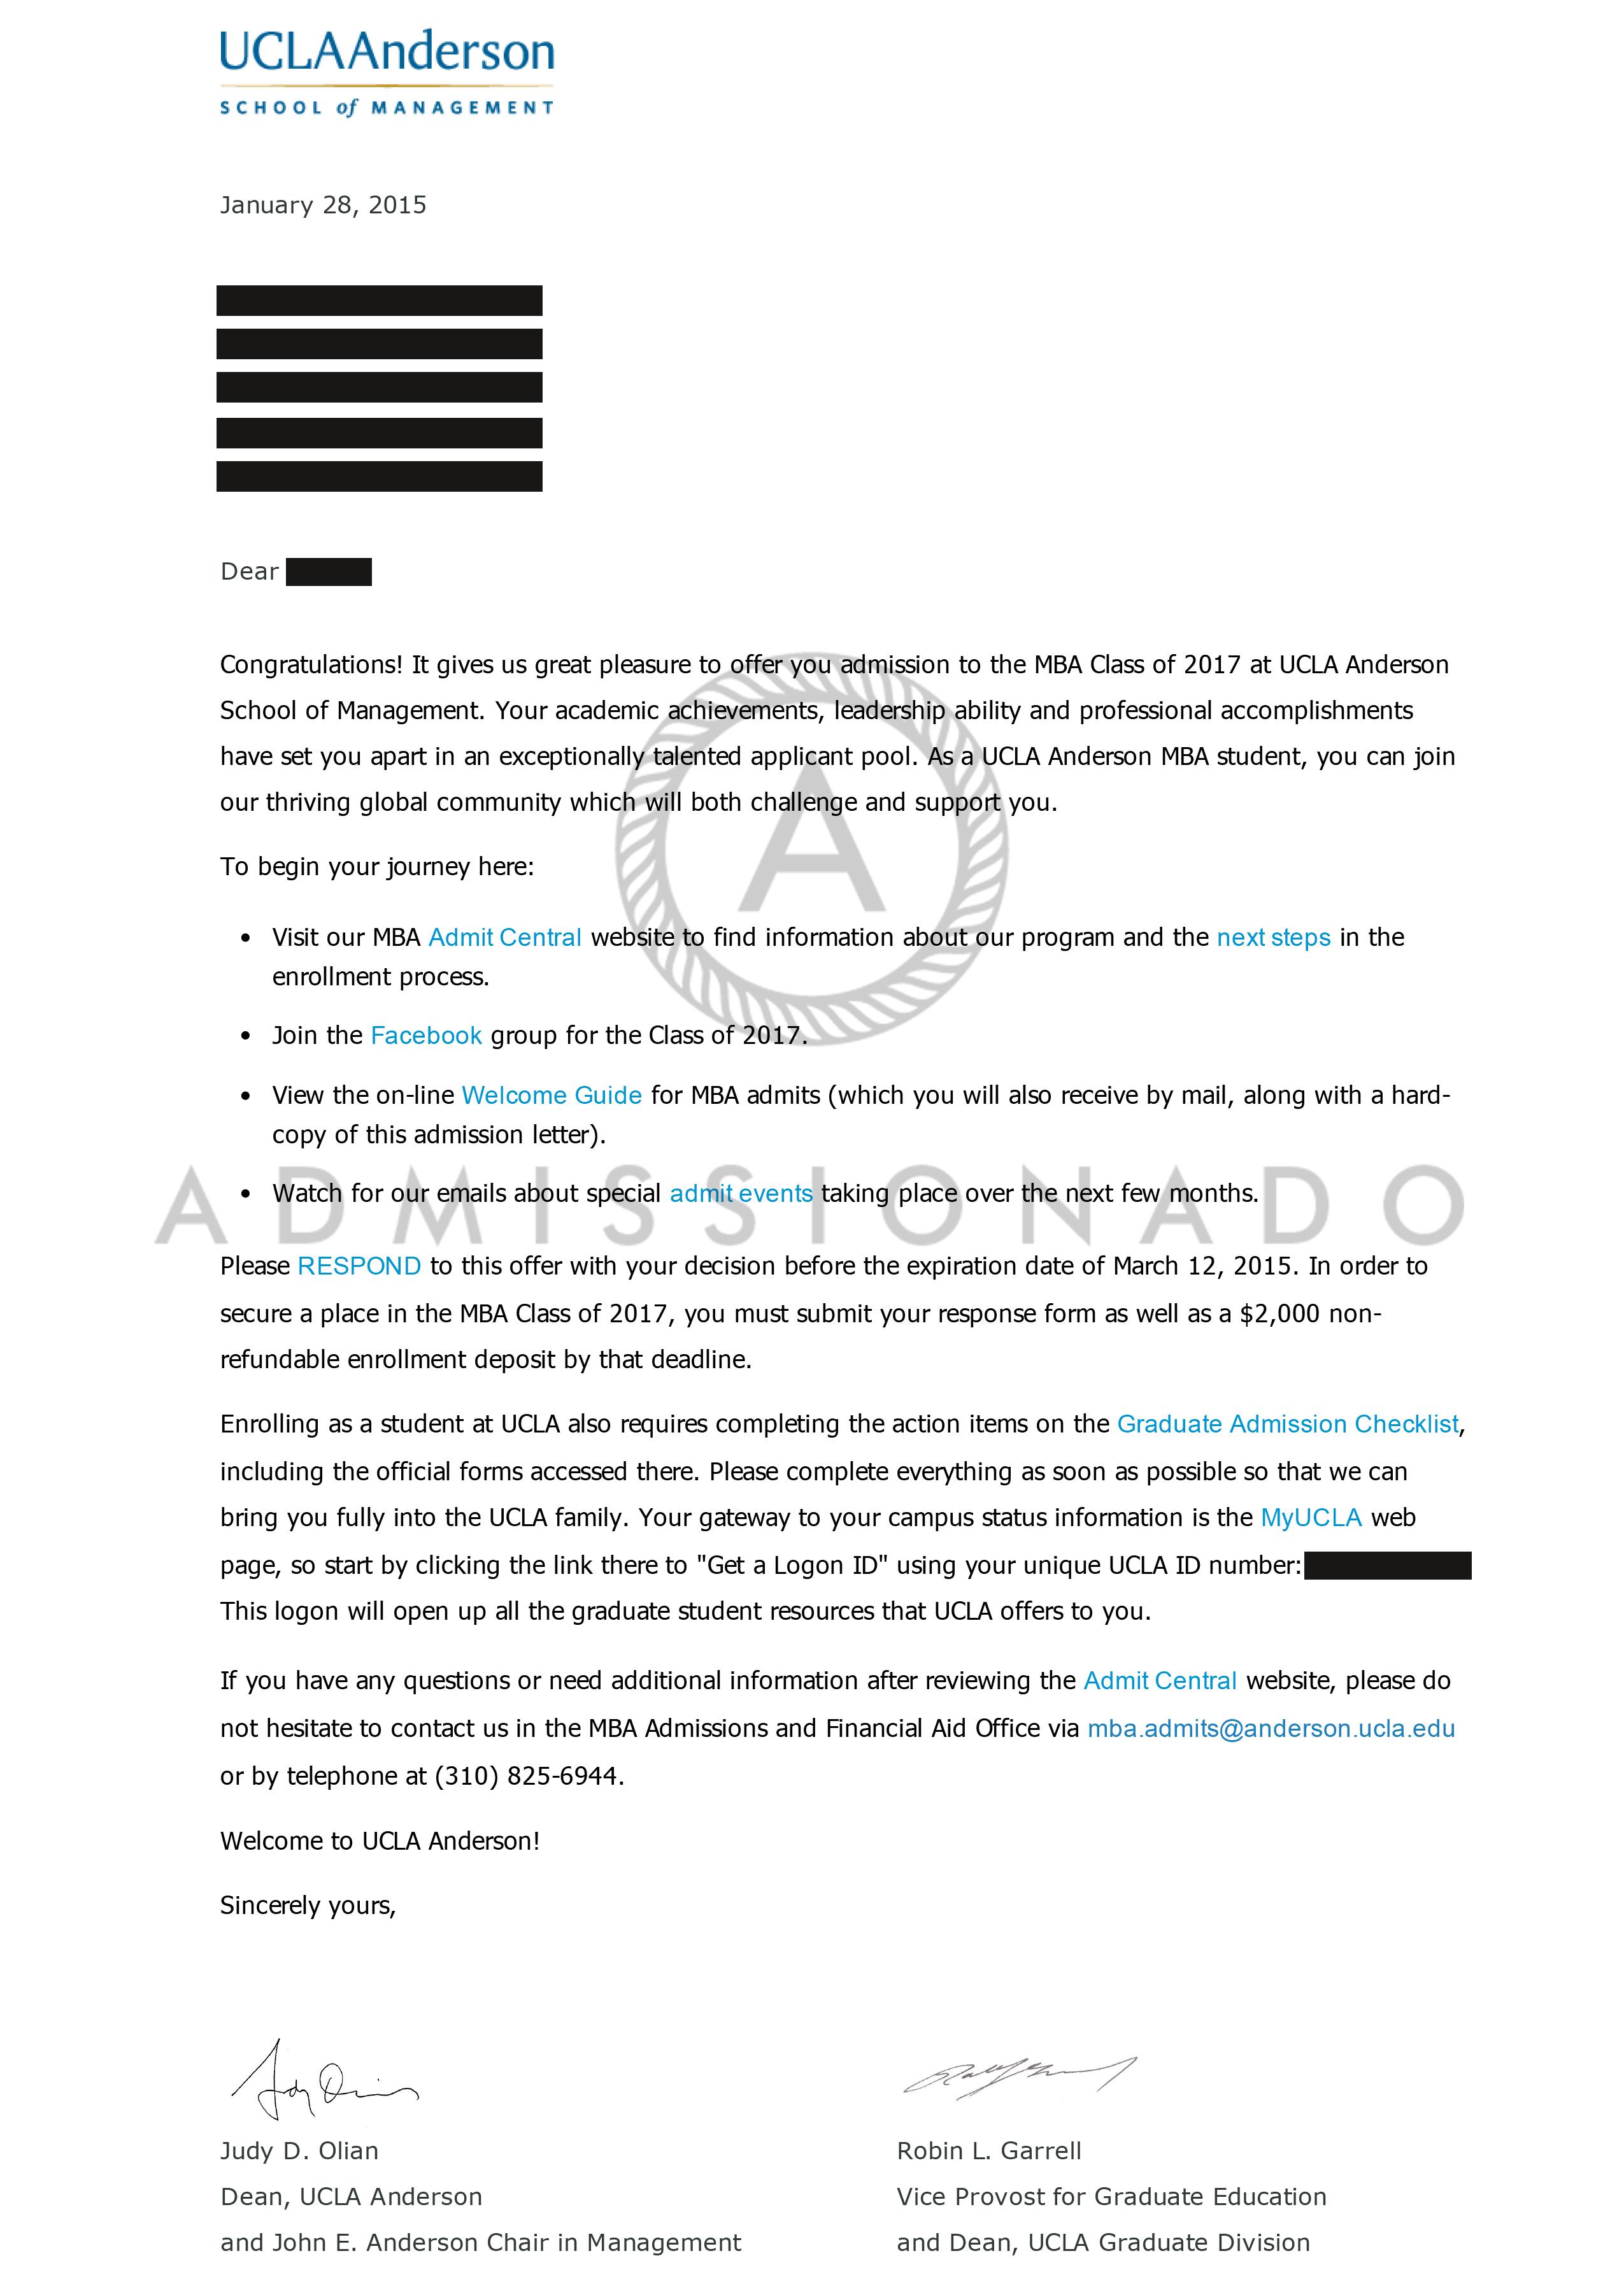 UCLA ANdreson Offer Letter